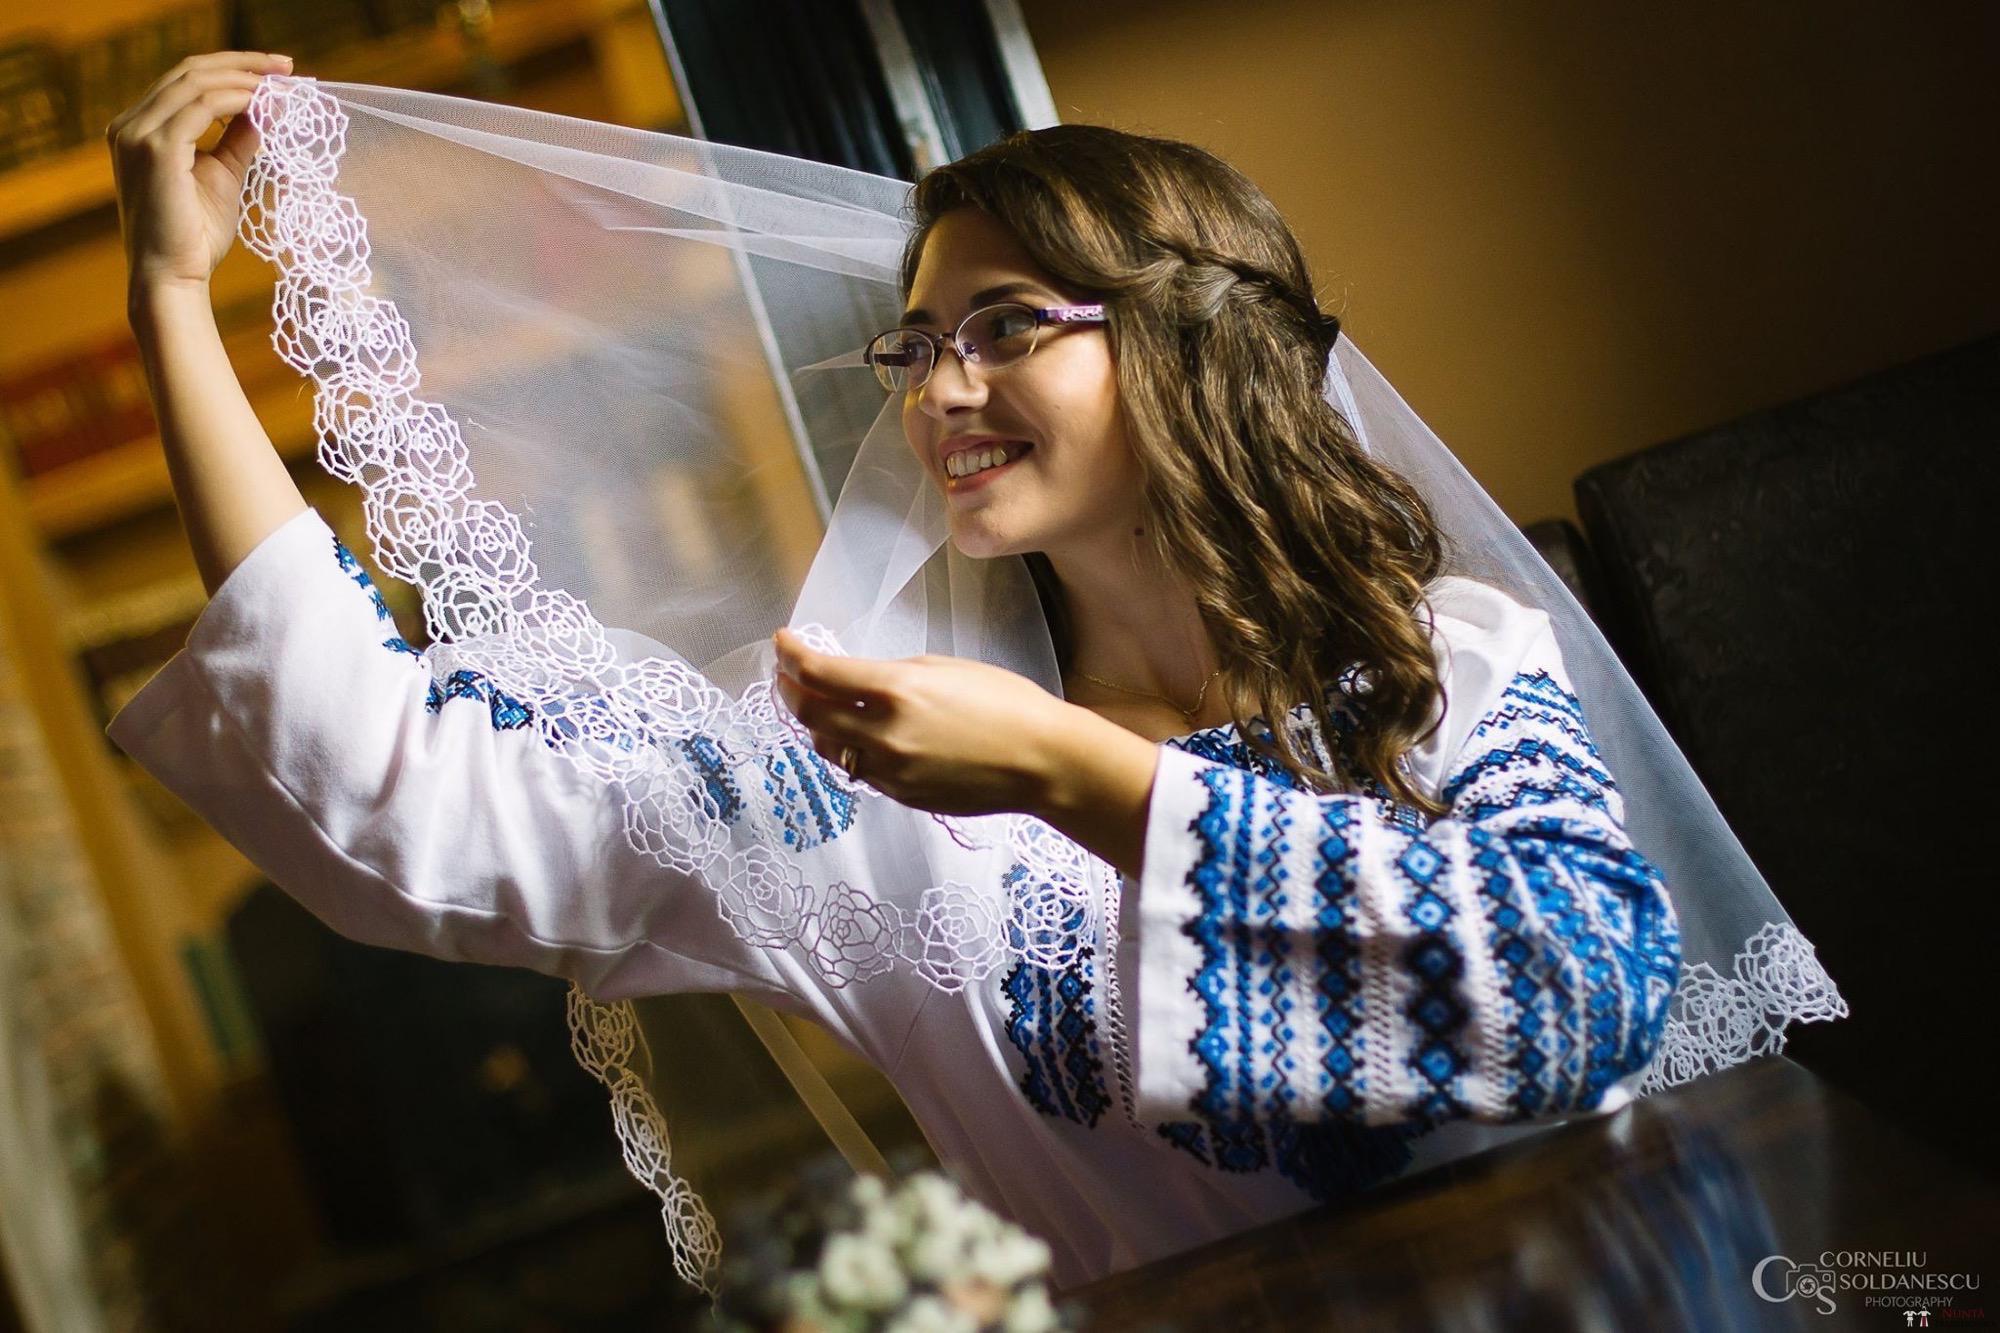 Povești Nunți Tradiționale - Ioana-Alexandra și Bogdan-Vasile. Nuntă tradițională în Fălticeni 39